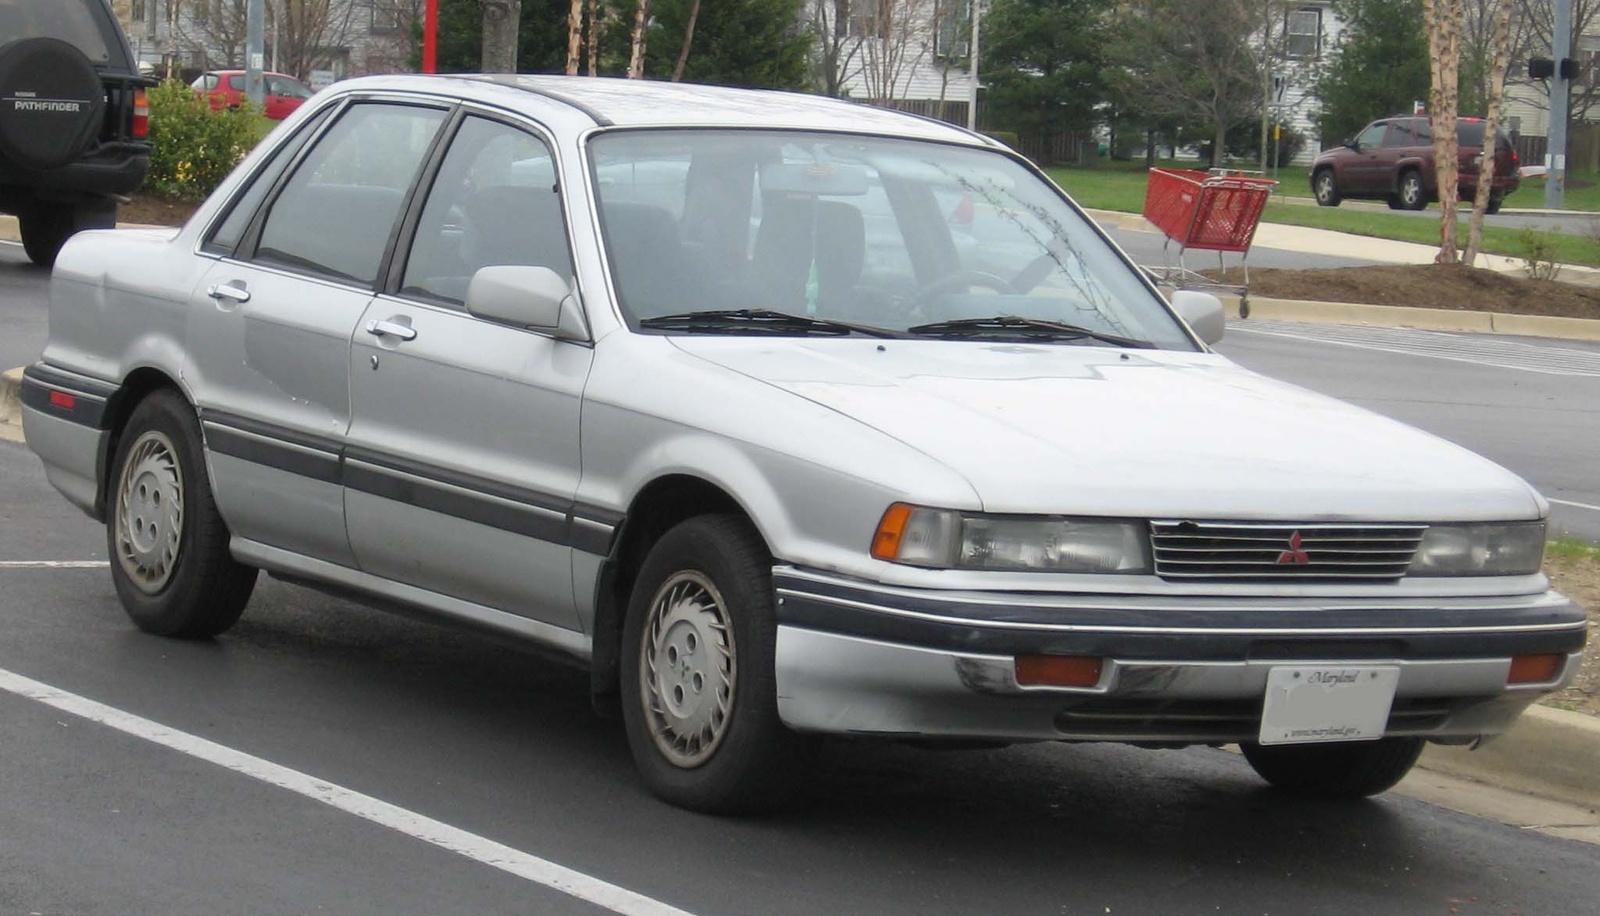 1992 Mitsubishi Galant - Pictures - CarGurus